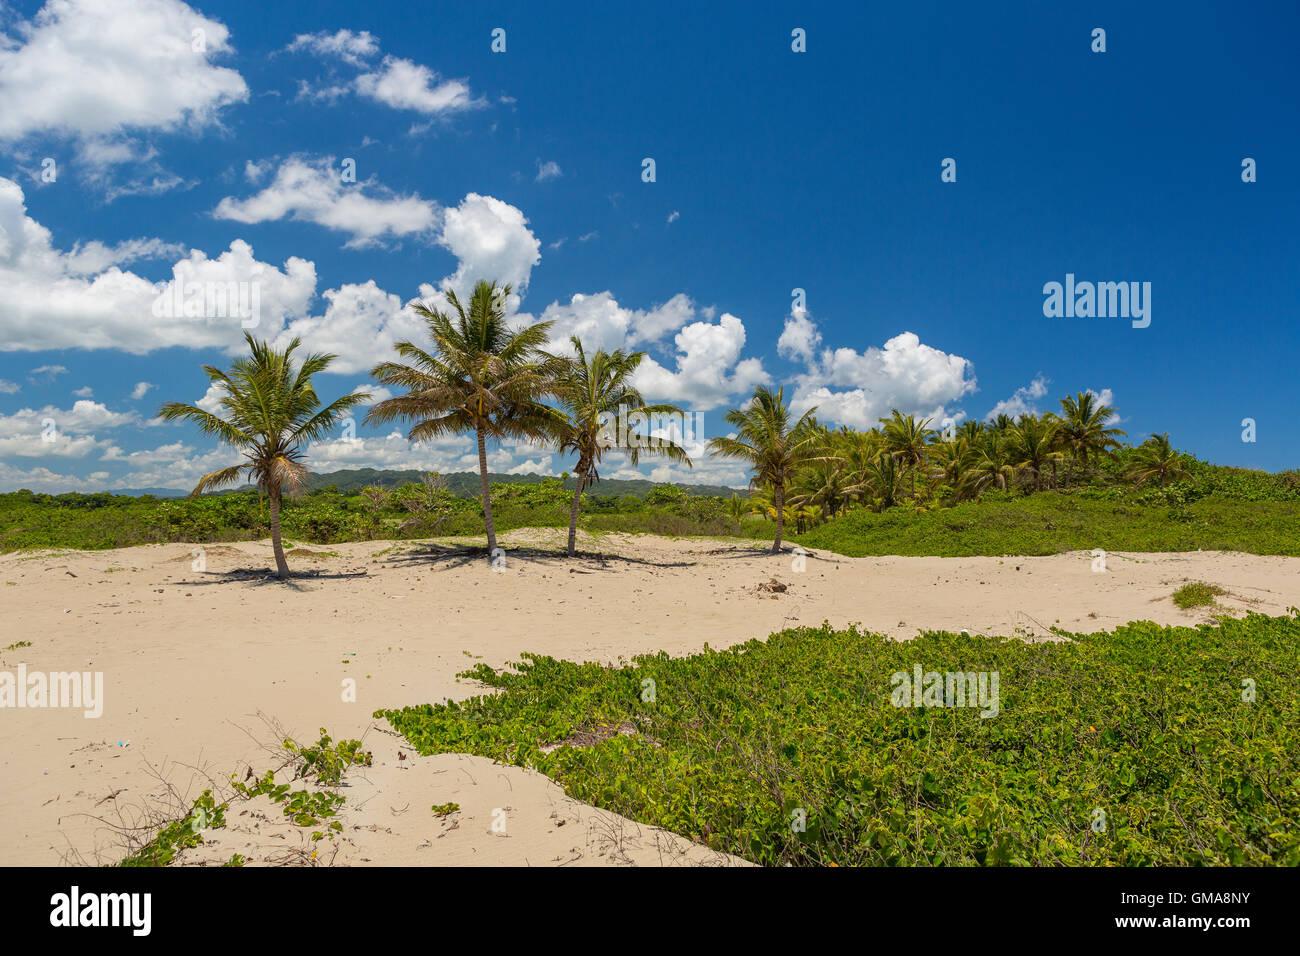 République Dominicaine - paysage de plage avec des palmiers à l'embouchure de la rivière Yasica, Photo Stock